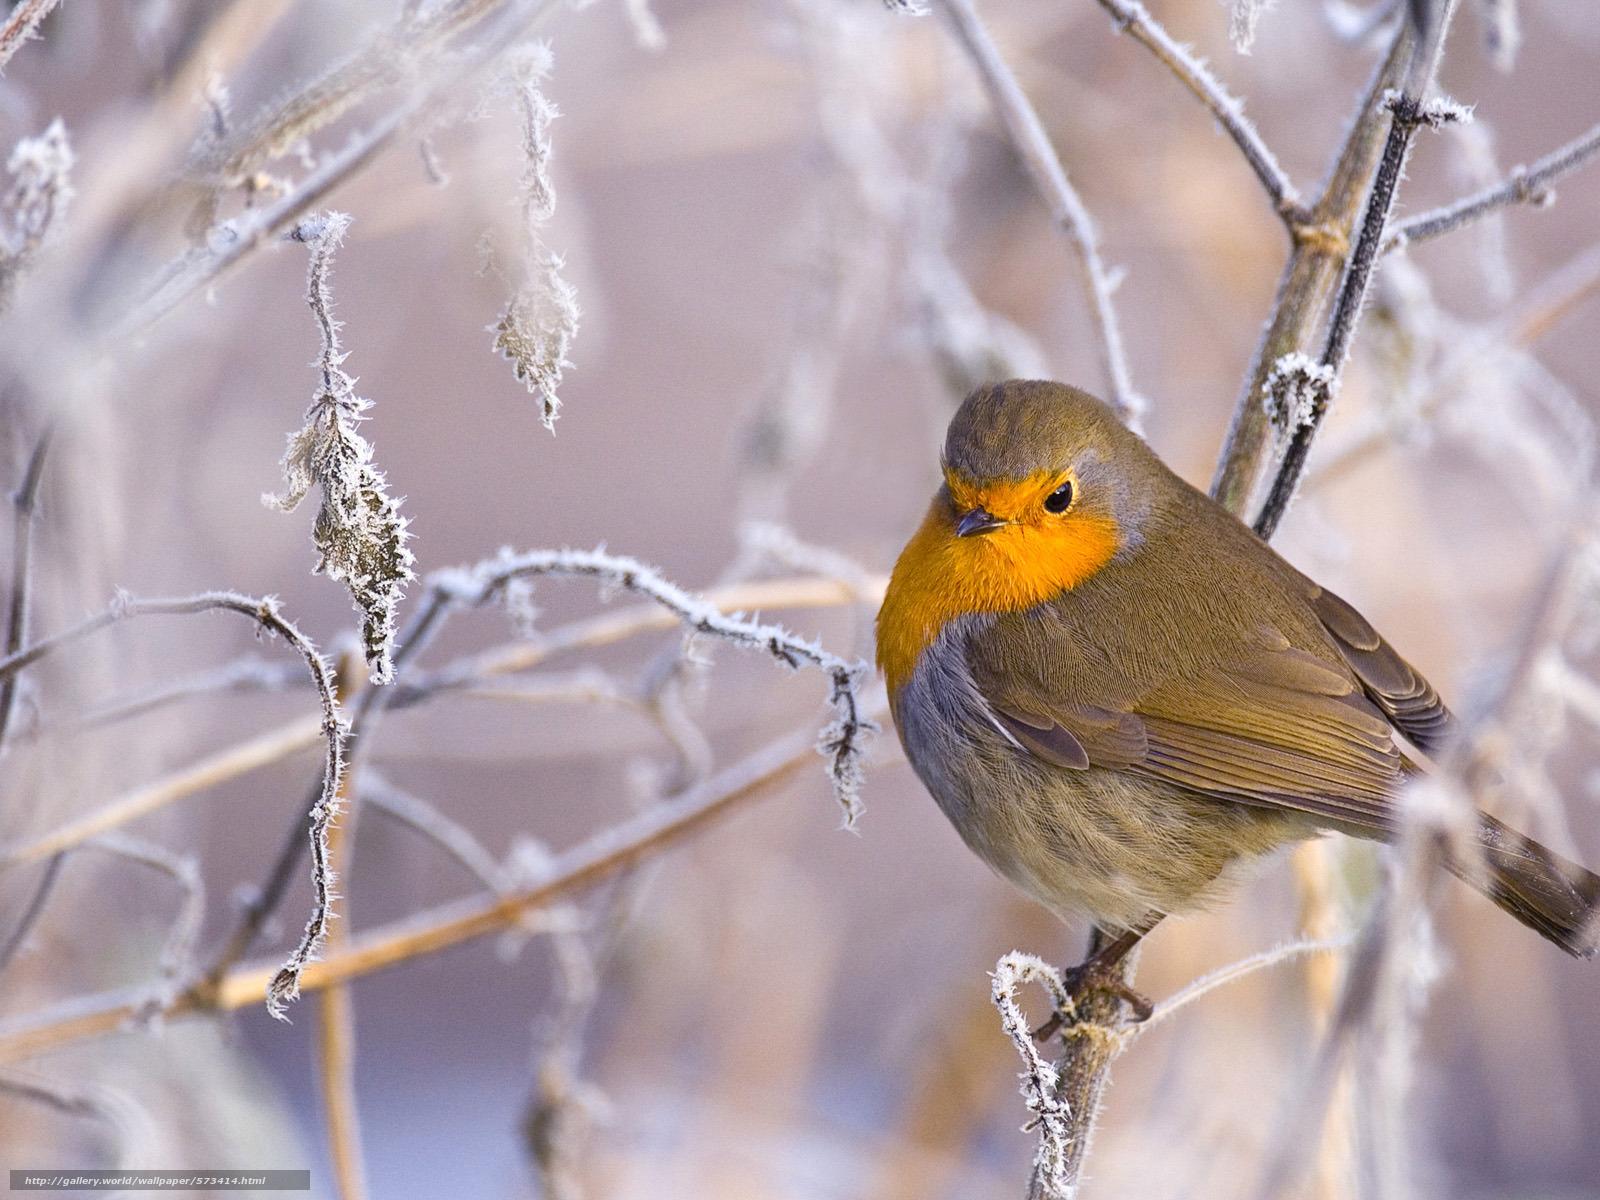 Scaricare Gli Sfondi Animali Uccelli Inverno Uccello Sfondi